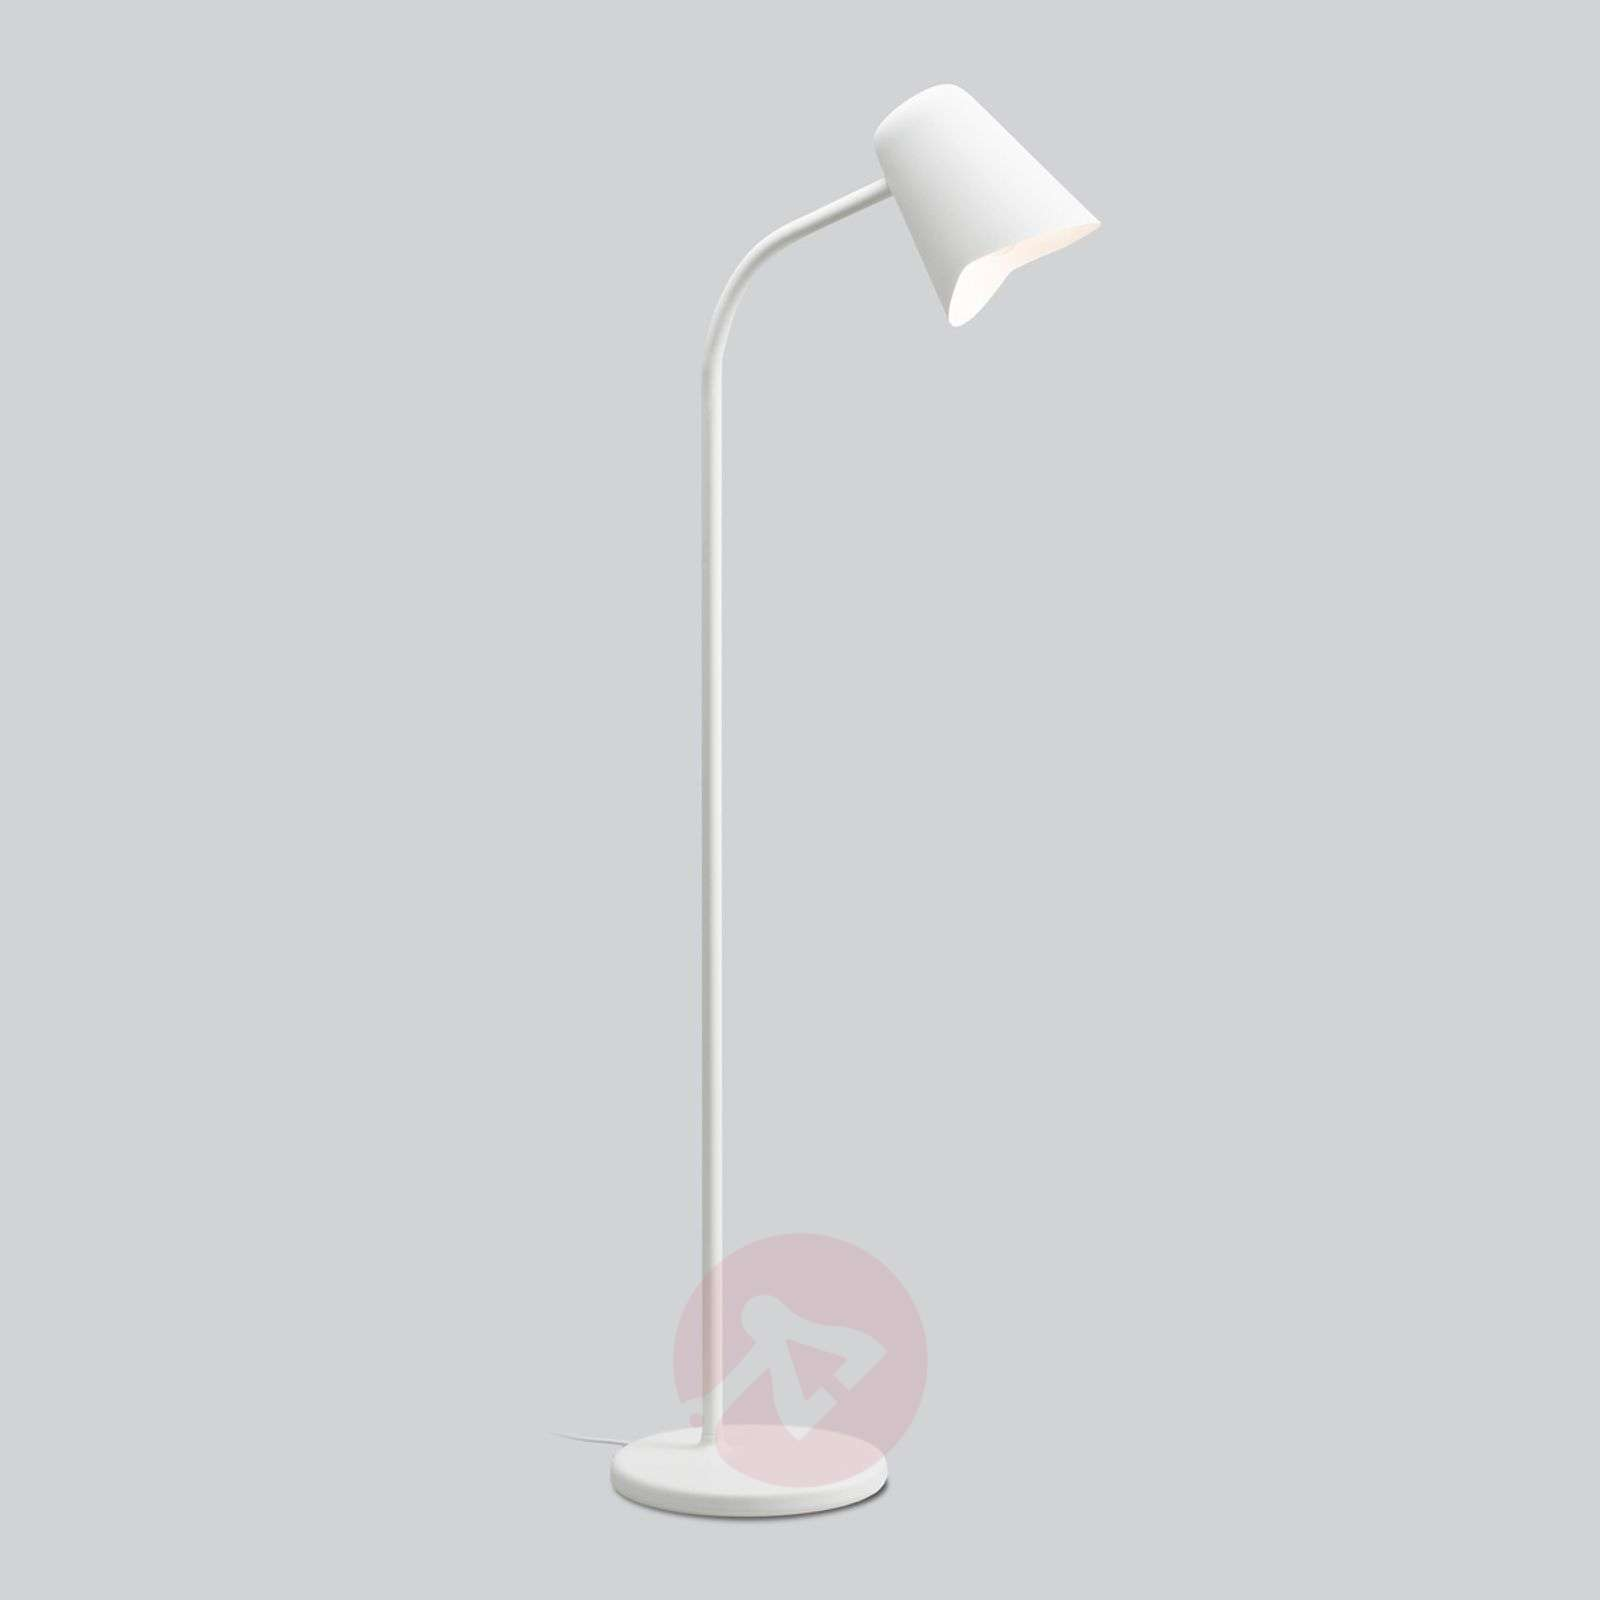 Taivutettava valkoinen lattiavalaisin Me-7013067-01